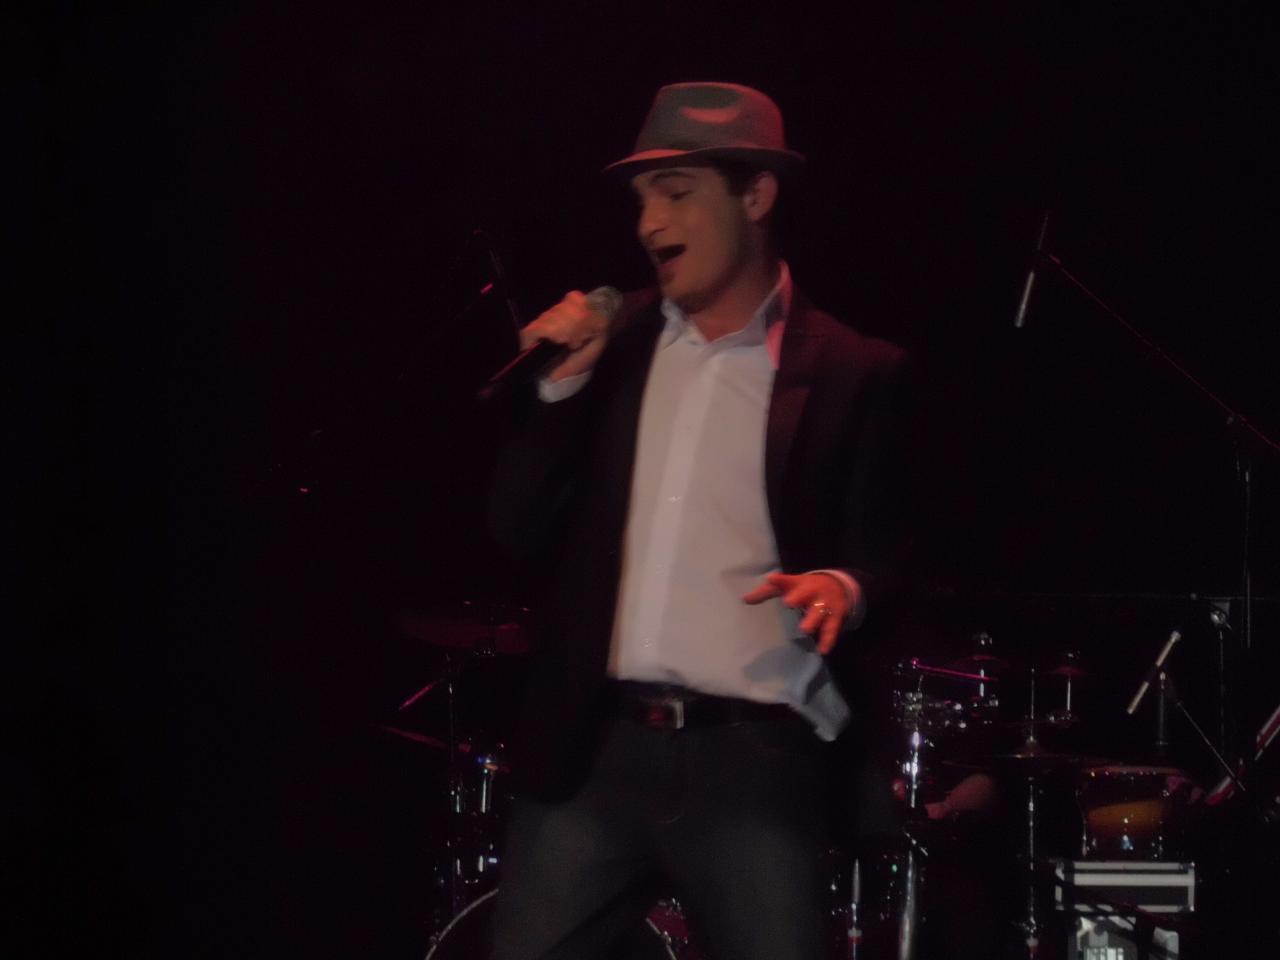 Concert du 17 mai 2013 à Sarreguemines